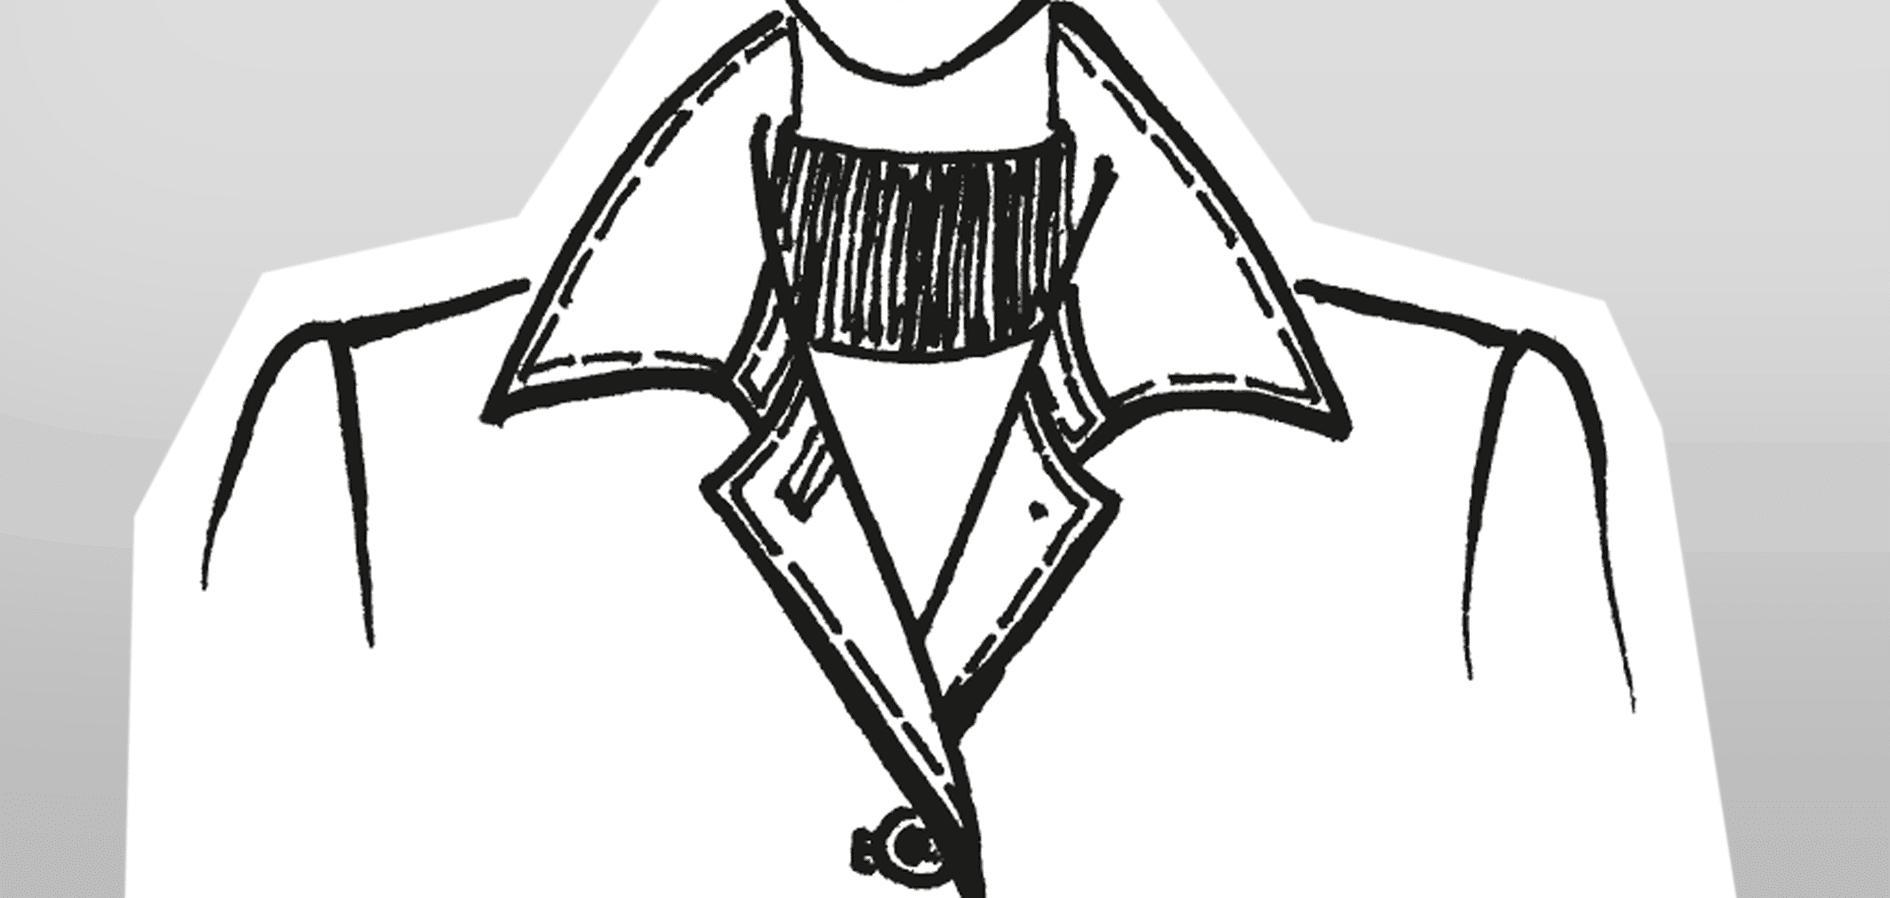 Zu sehen ist die technische Zeichnung eines zweiteiligen Kragens.